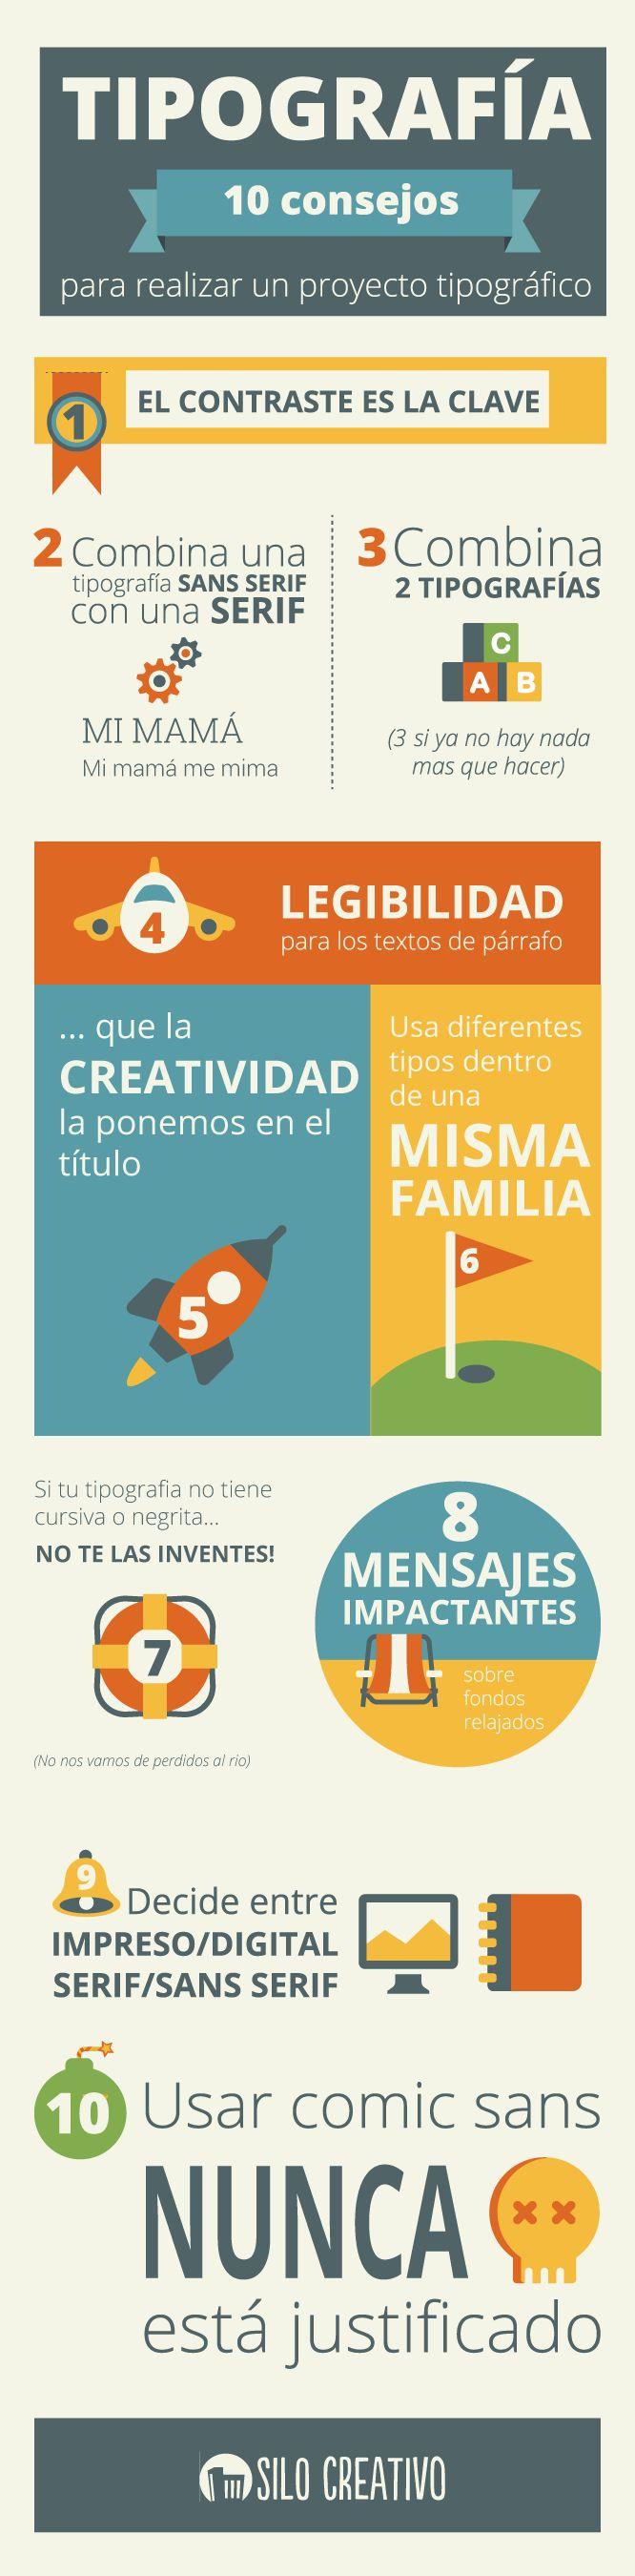 Tipografía: 10 consejos para tu proyecto @silocreativo